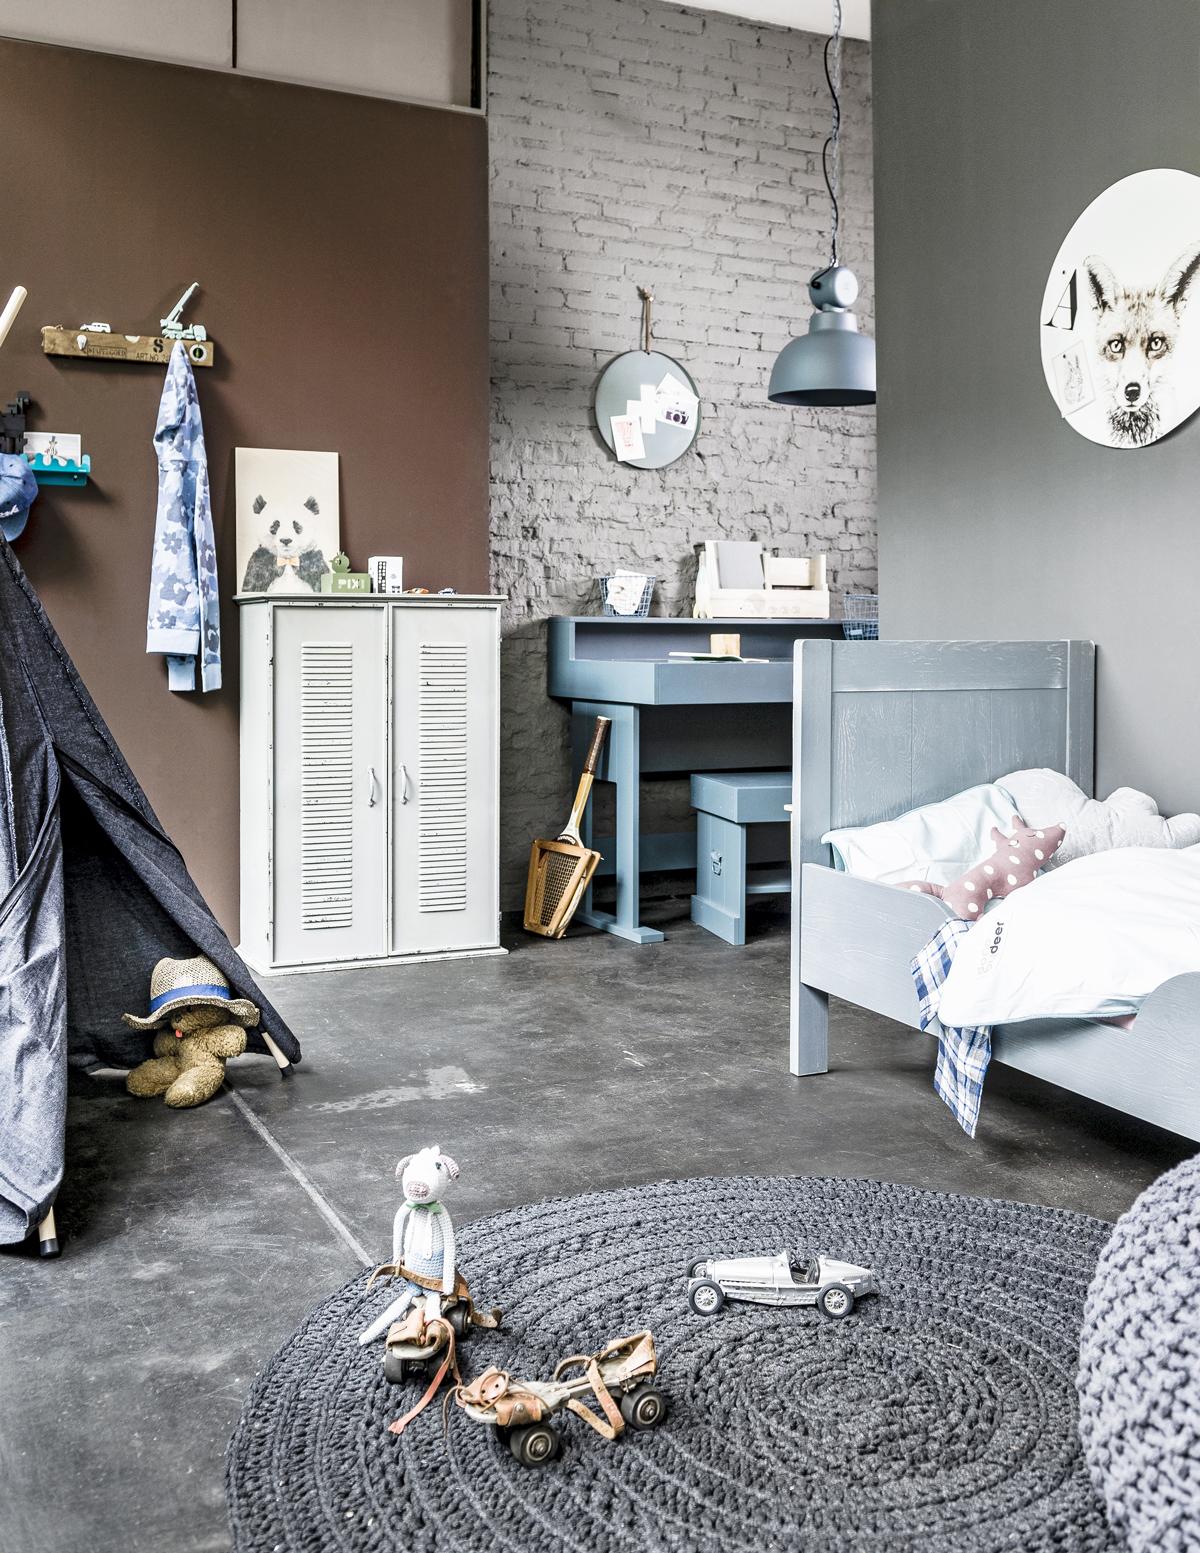 Verwonderend Shopgids: kinderkamer - vtwonen.nl AS-47